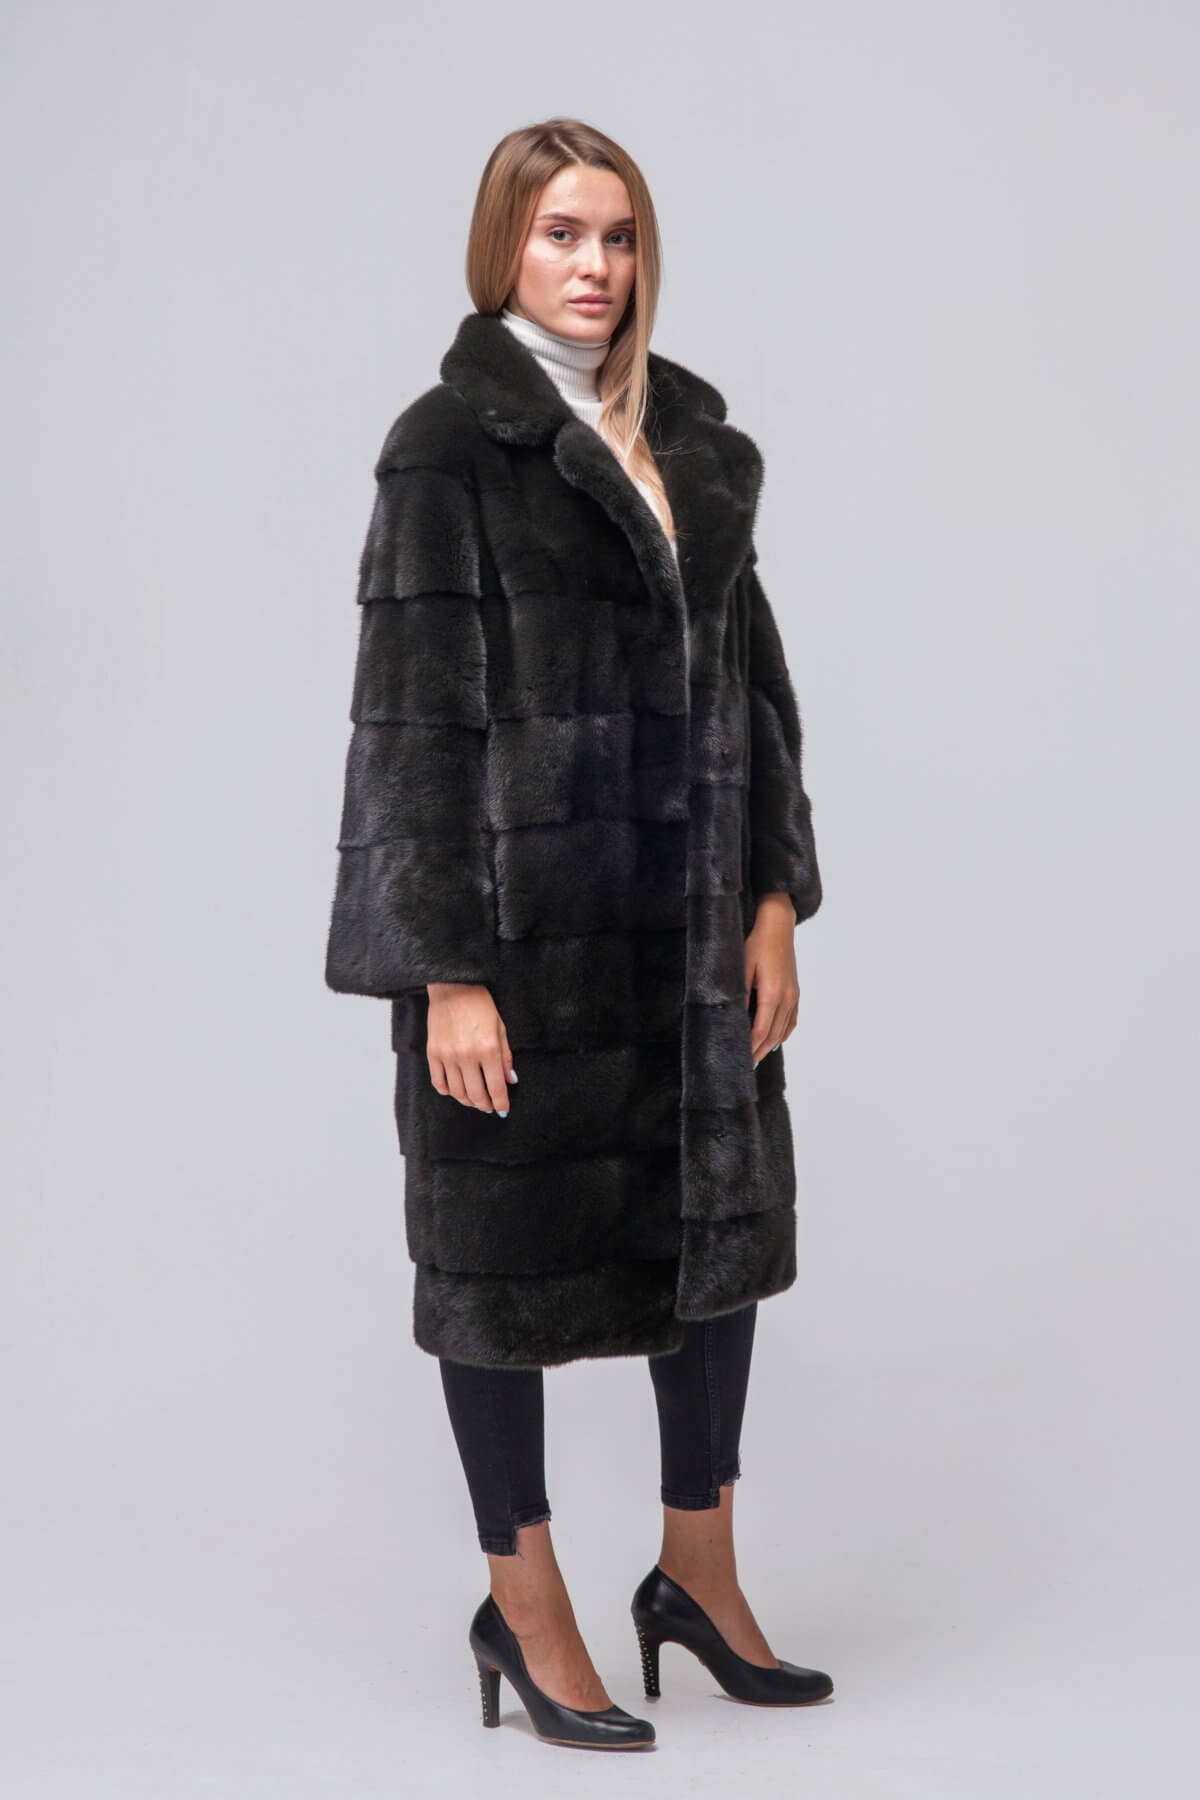 Пальто из европейской норки KOPENHAGEN FUR. Фото 1